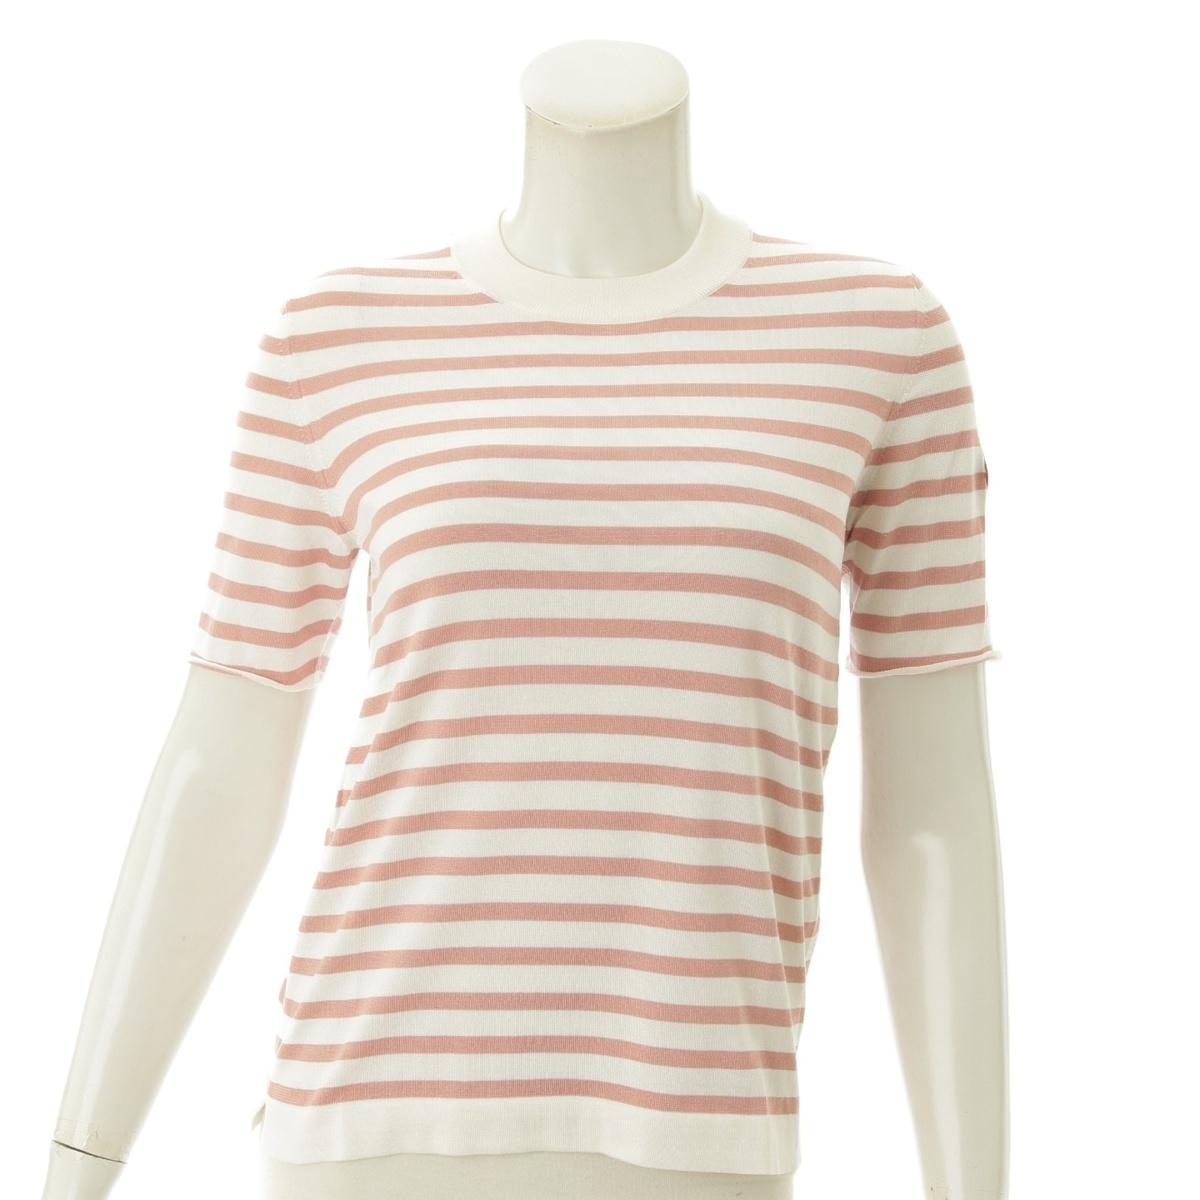 【ルイヴィトン】Louis Vuitton シルク ボーダーニットTシャツ ピンク XS 【中古】【鑑定済・正規品保証】71127